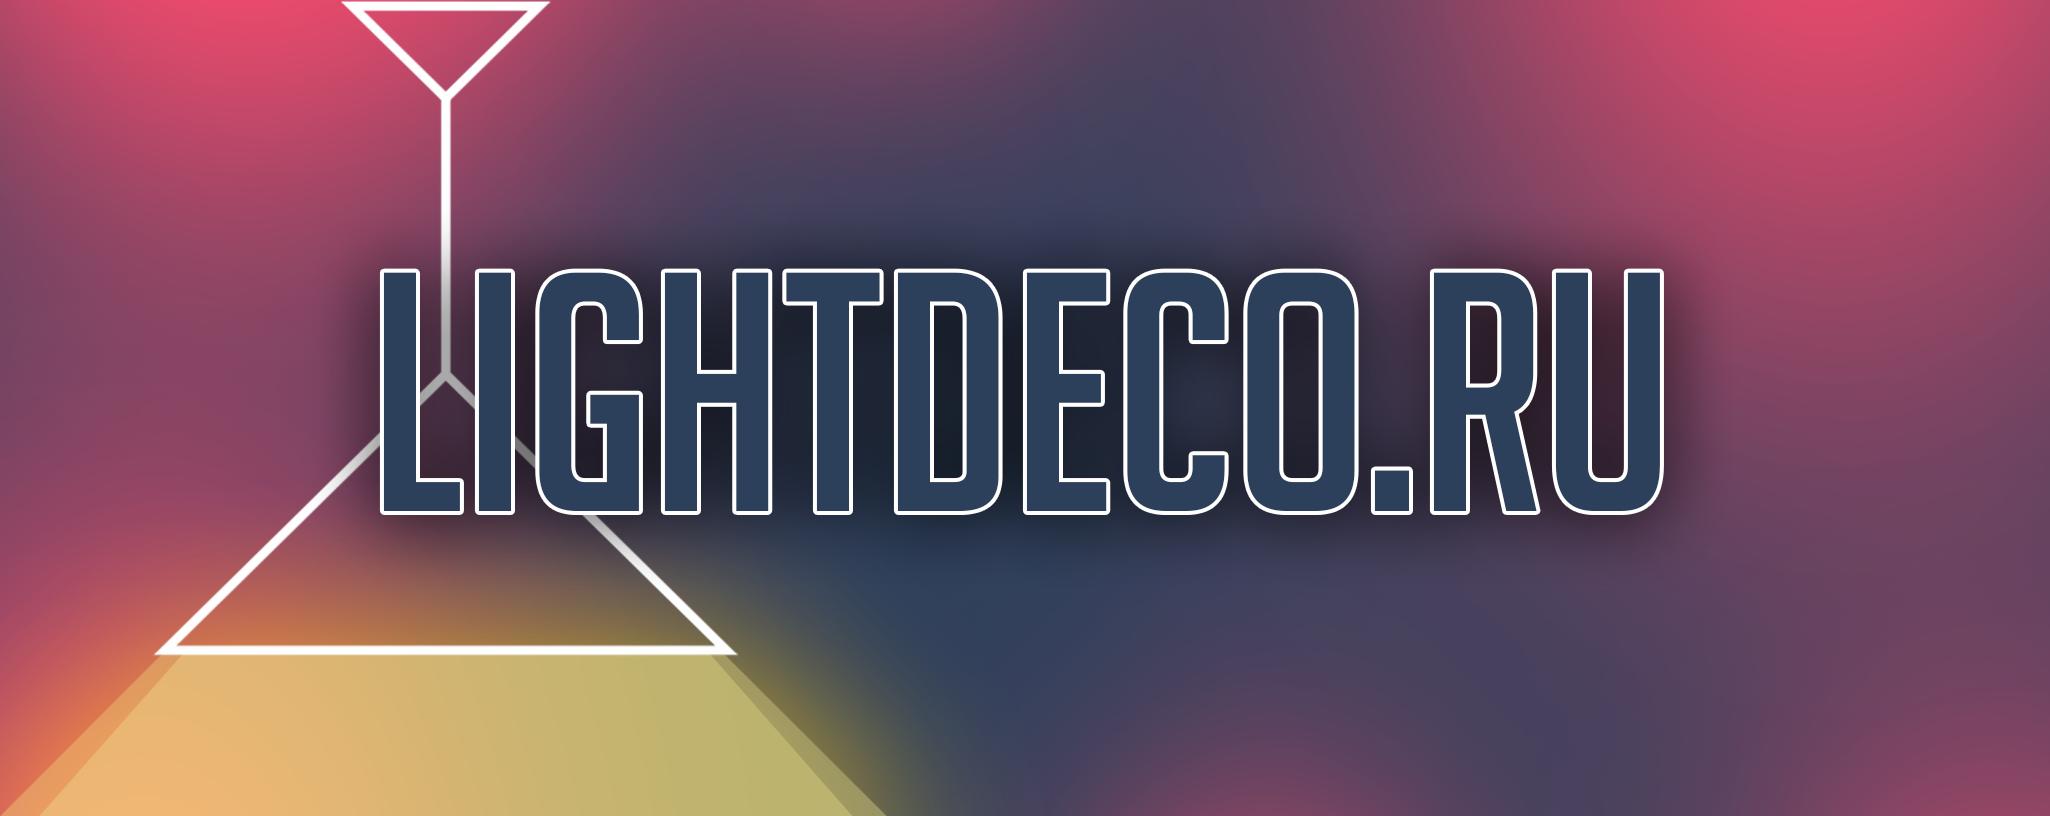 Lightdeco.ru